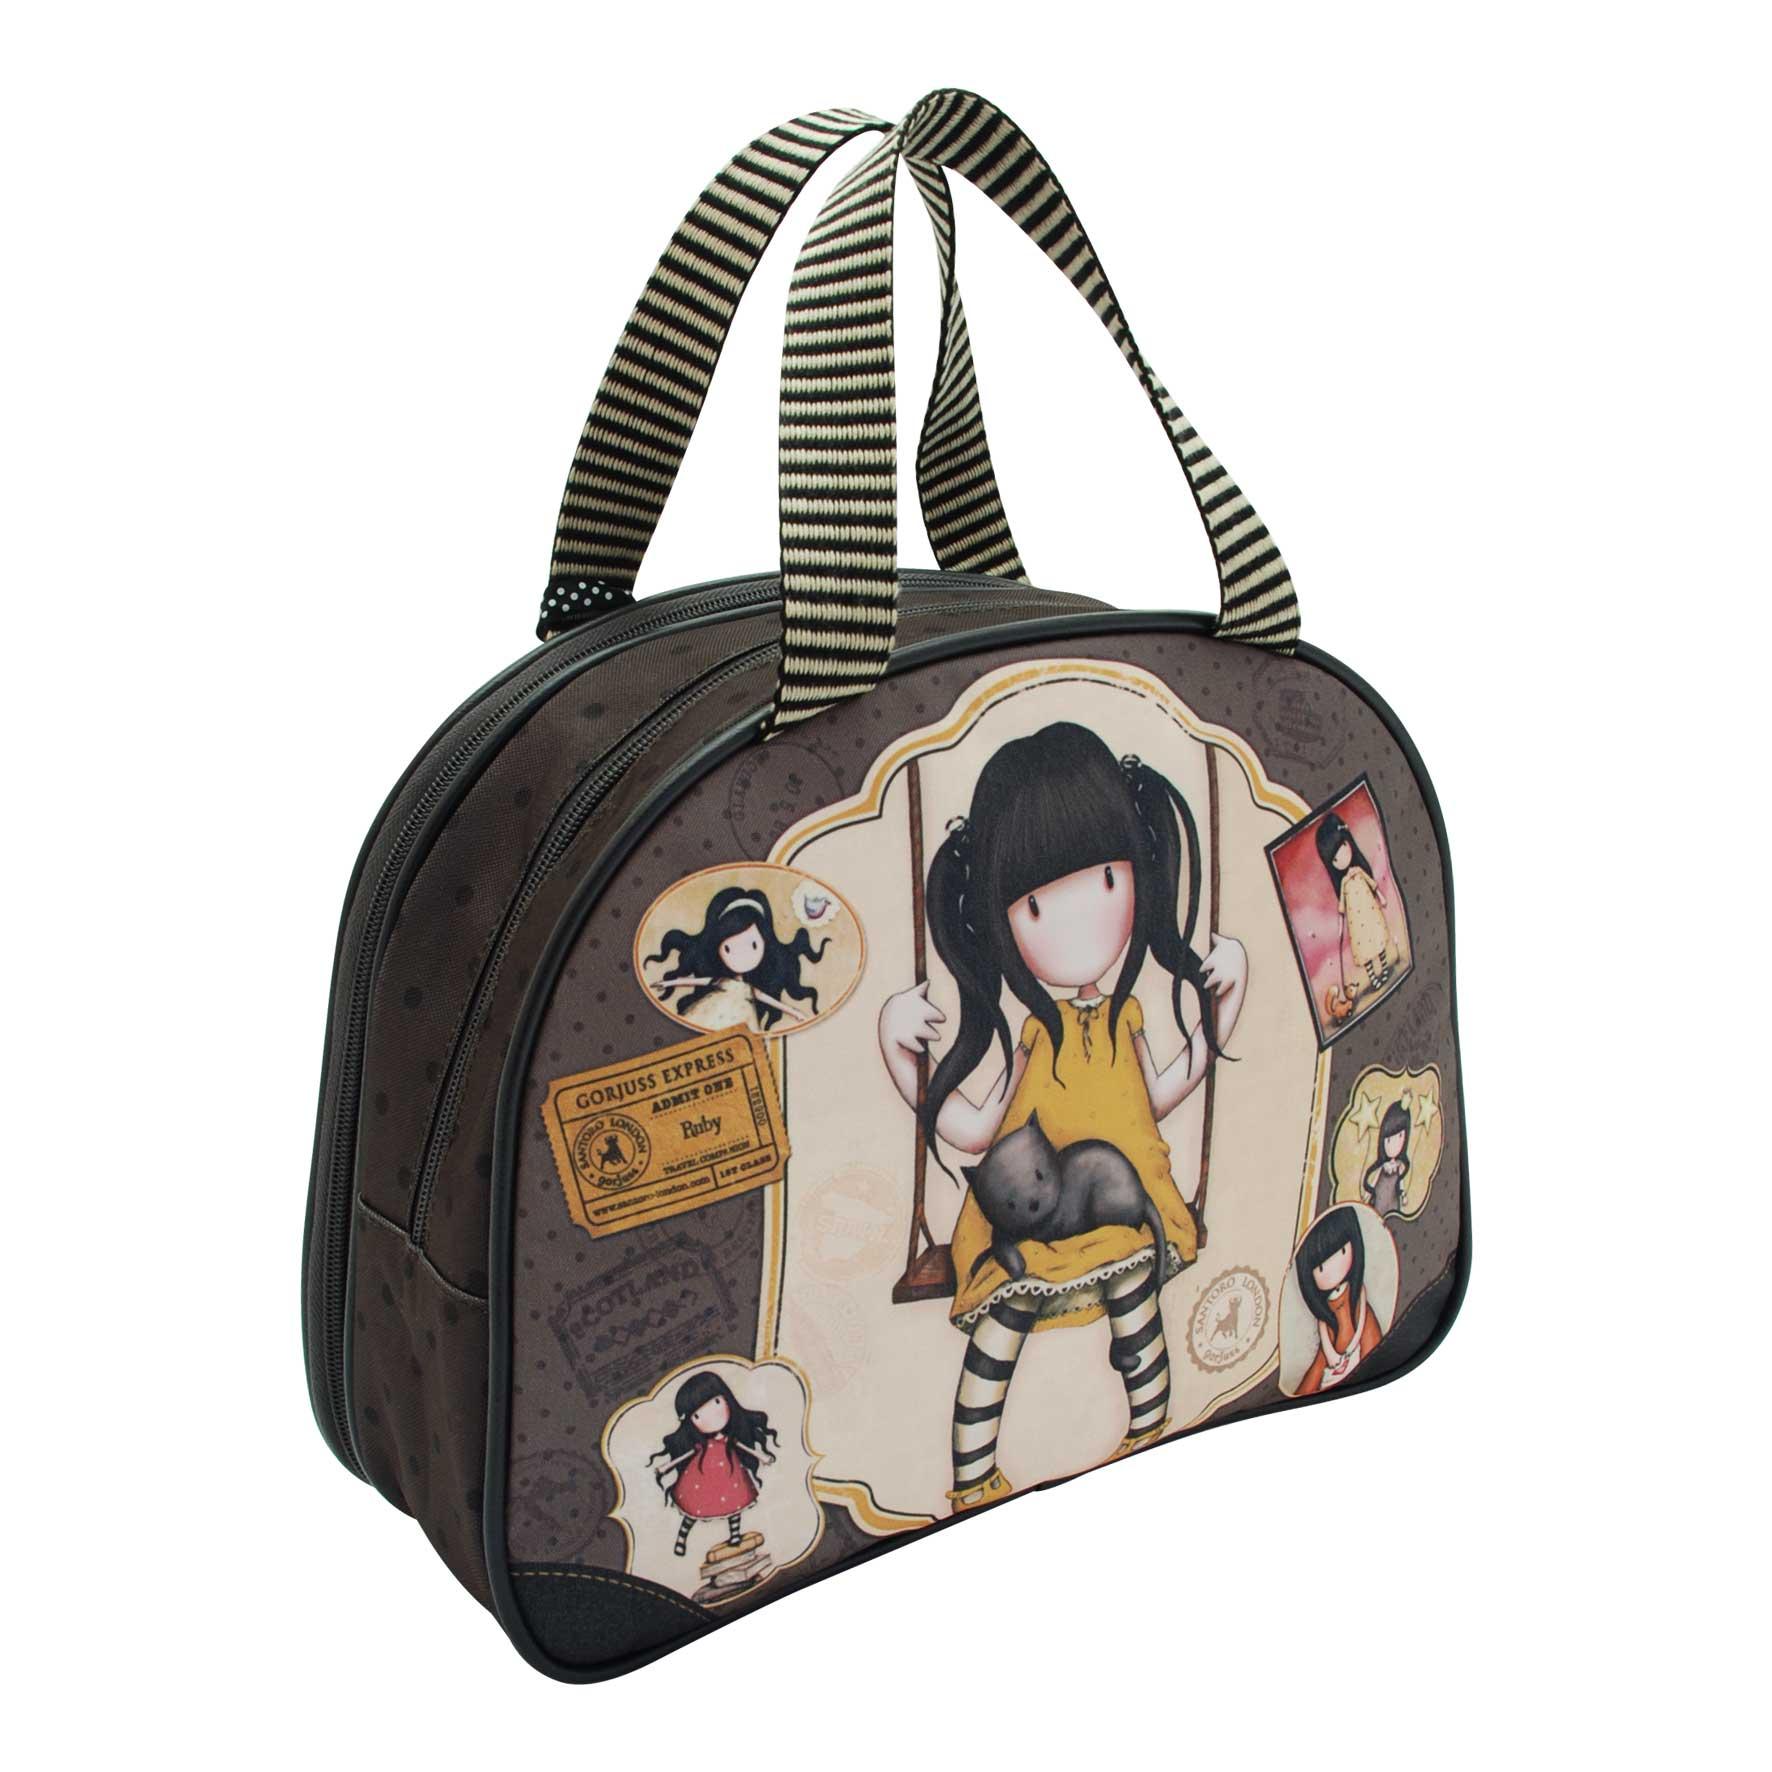 Santoro London - Kosmetická taška (velká) - Gorjuss - Ruby (Yellow) Hnědá, béžová, žlutá;Hnědá, béžová, žlutá